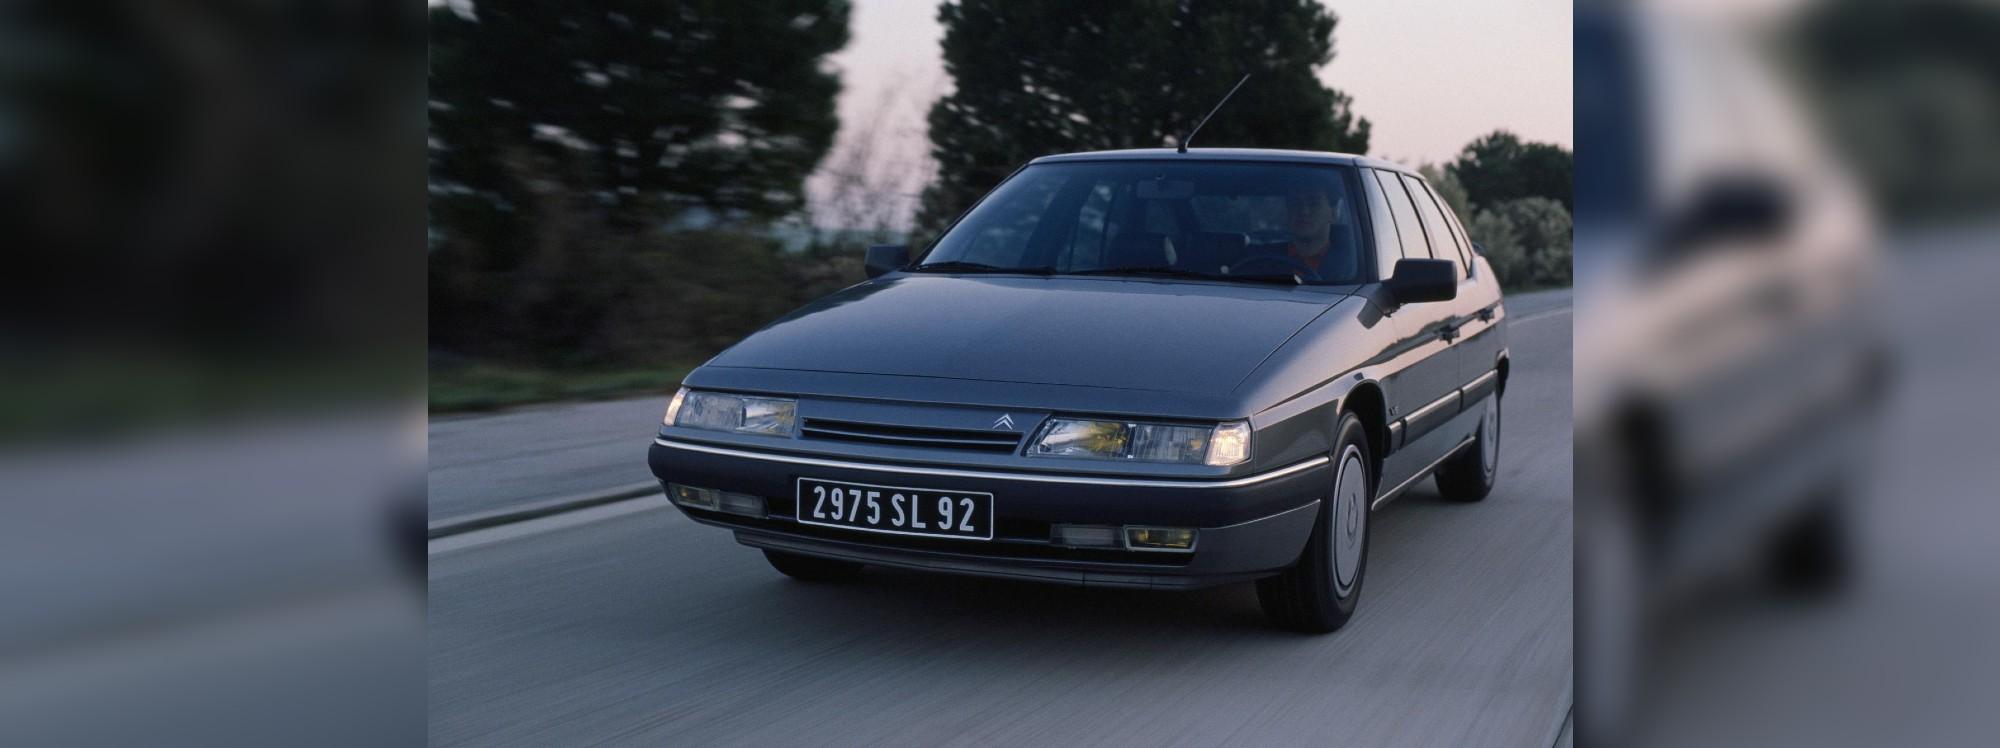 Citroën XM, la génesis de los fastbacks de los años 90